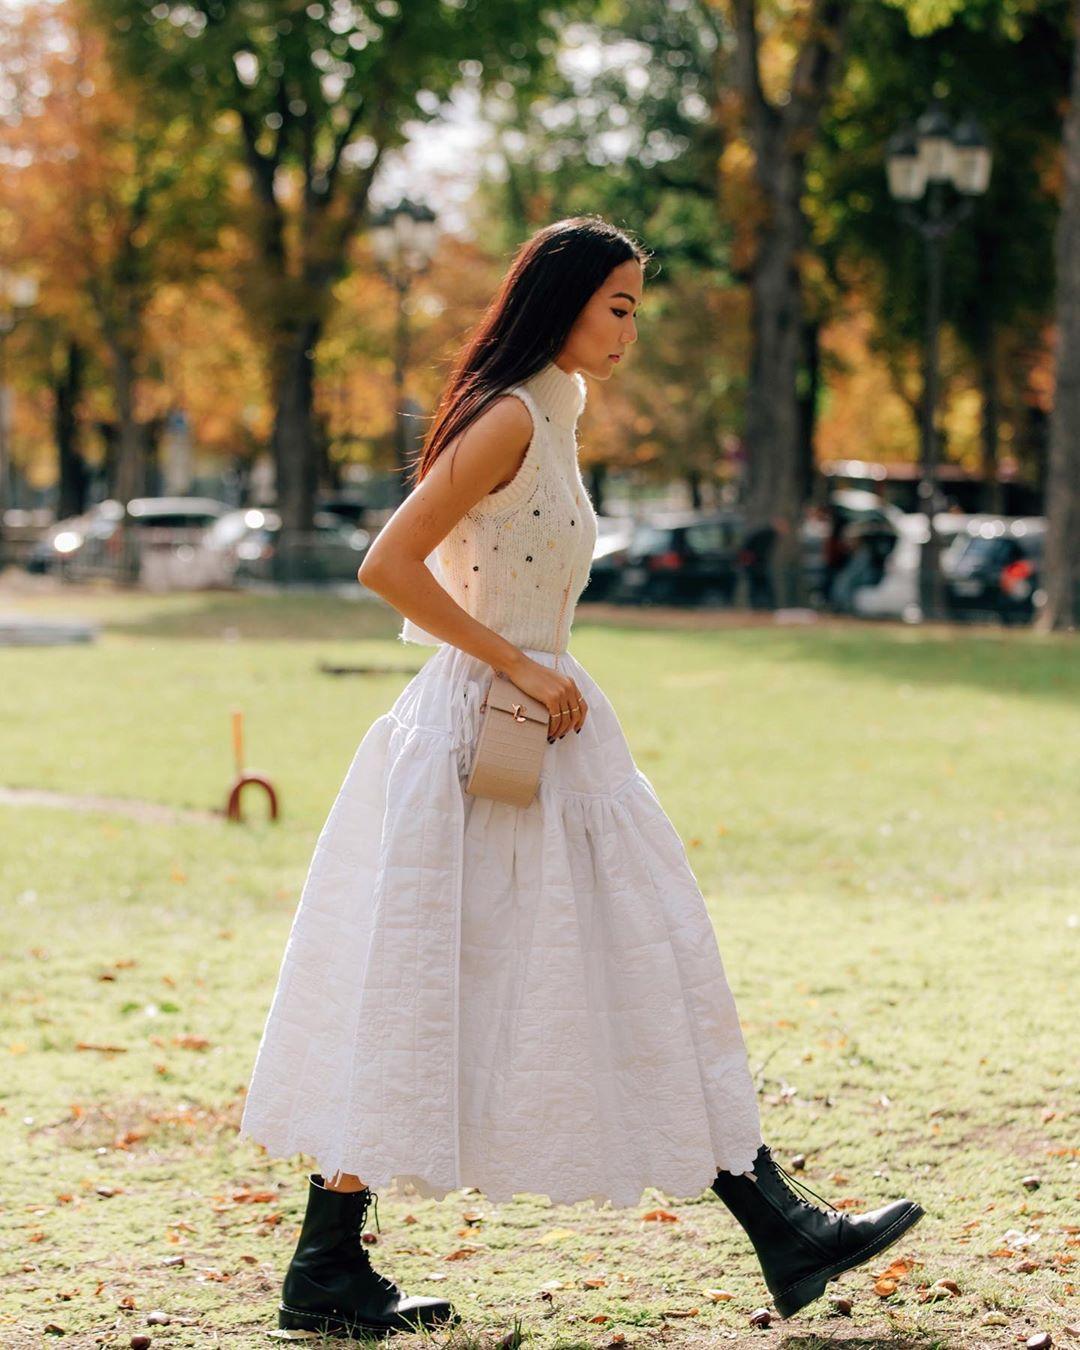 chân váy xòe ren trắng áo tank top len yoyo cao